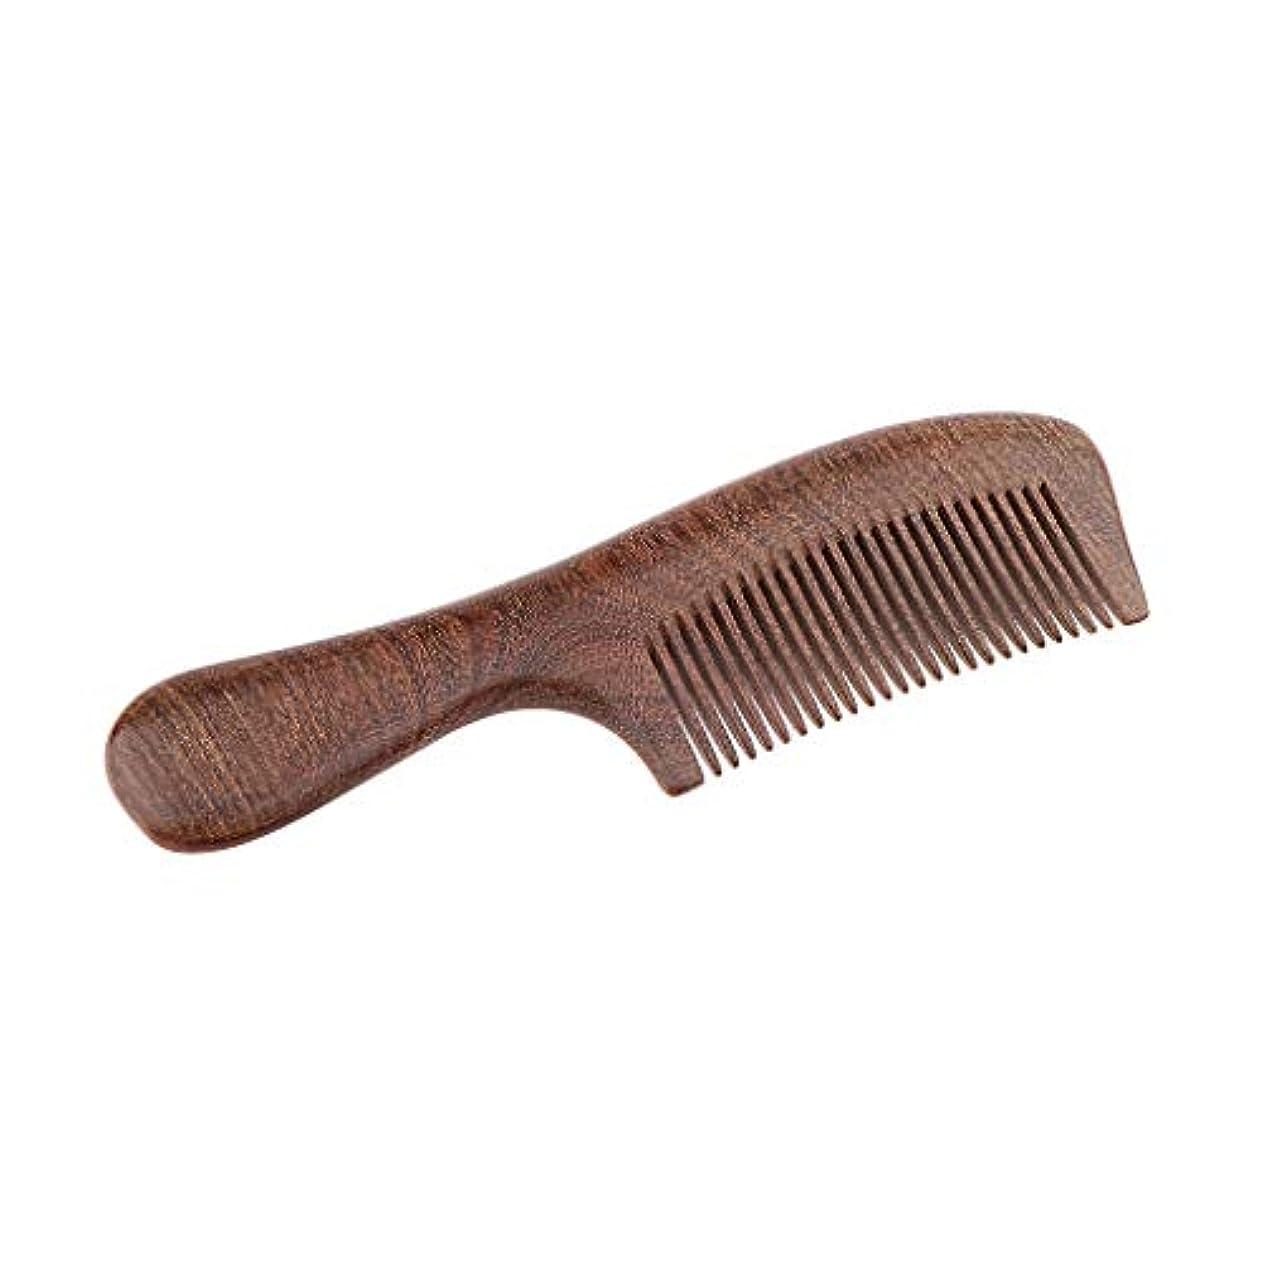 感性検索エンジン最適化早めるP Prettyia 帯電防止櫛 ウッドコーム 頭皮マッサージ くし 使いやすい